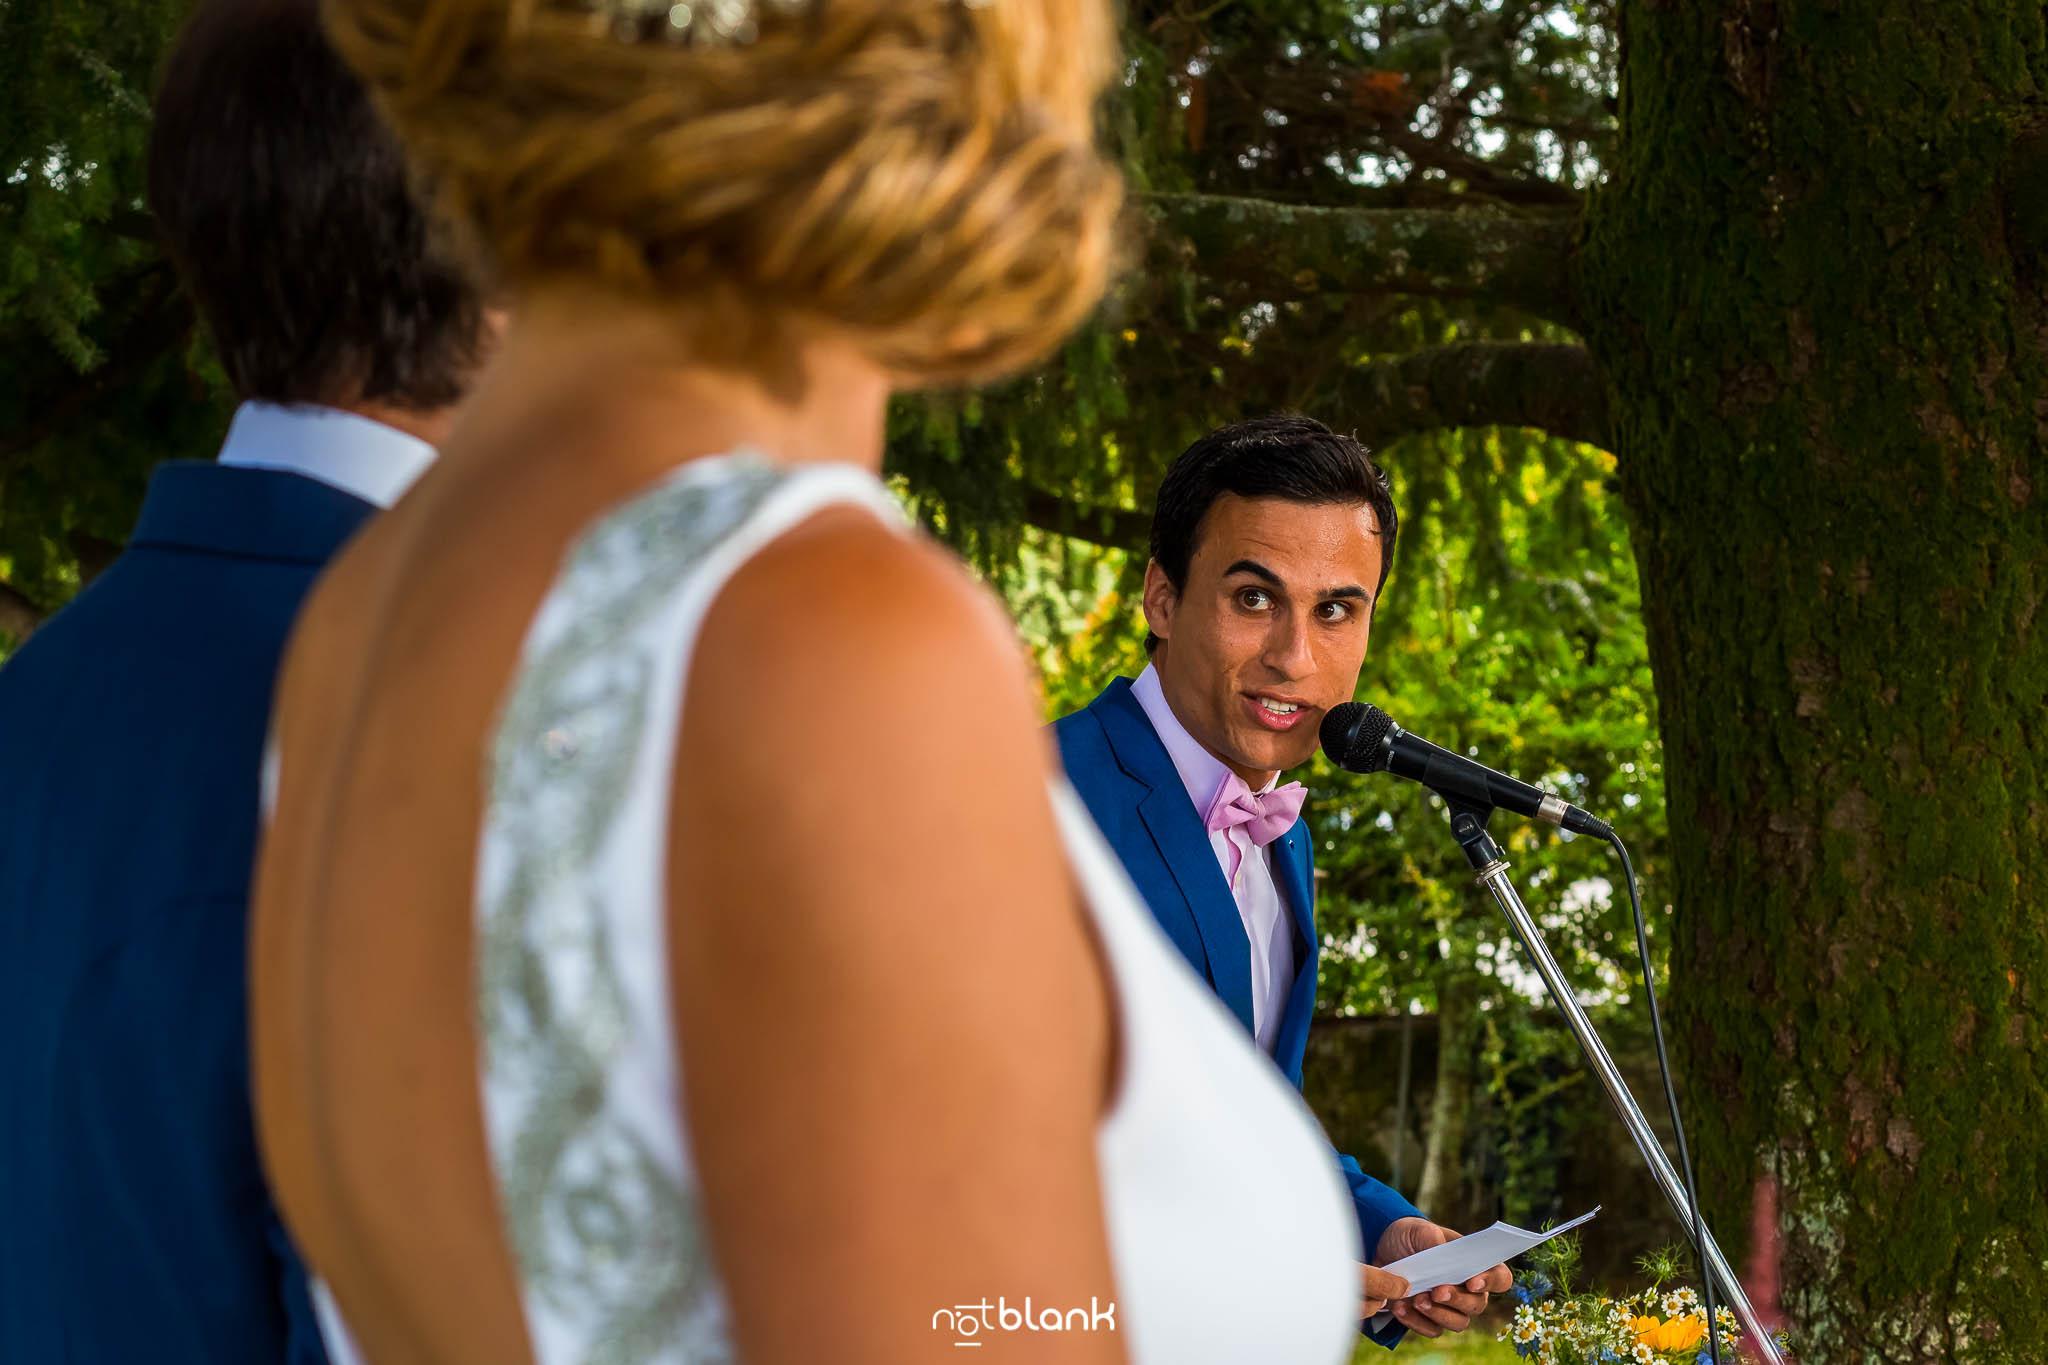 Boda En El Jardin De Casa Jana y Fran - El hermano pequeño del novio dedica unas palabras durante la ceremonia civil a los novios - Notblank Fotografos de boda